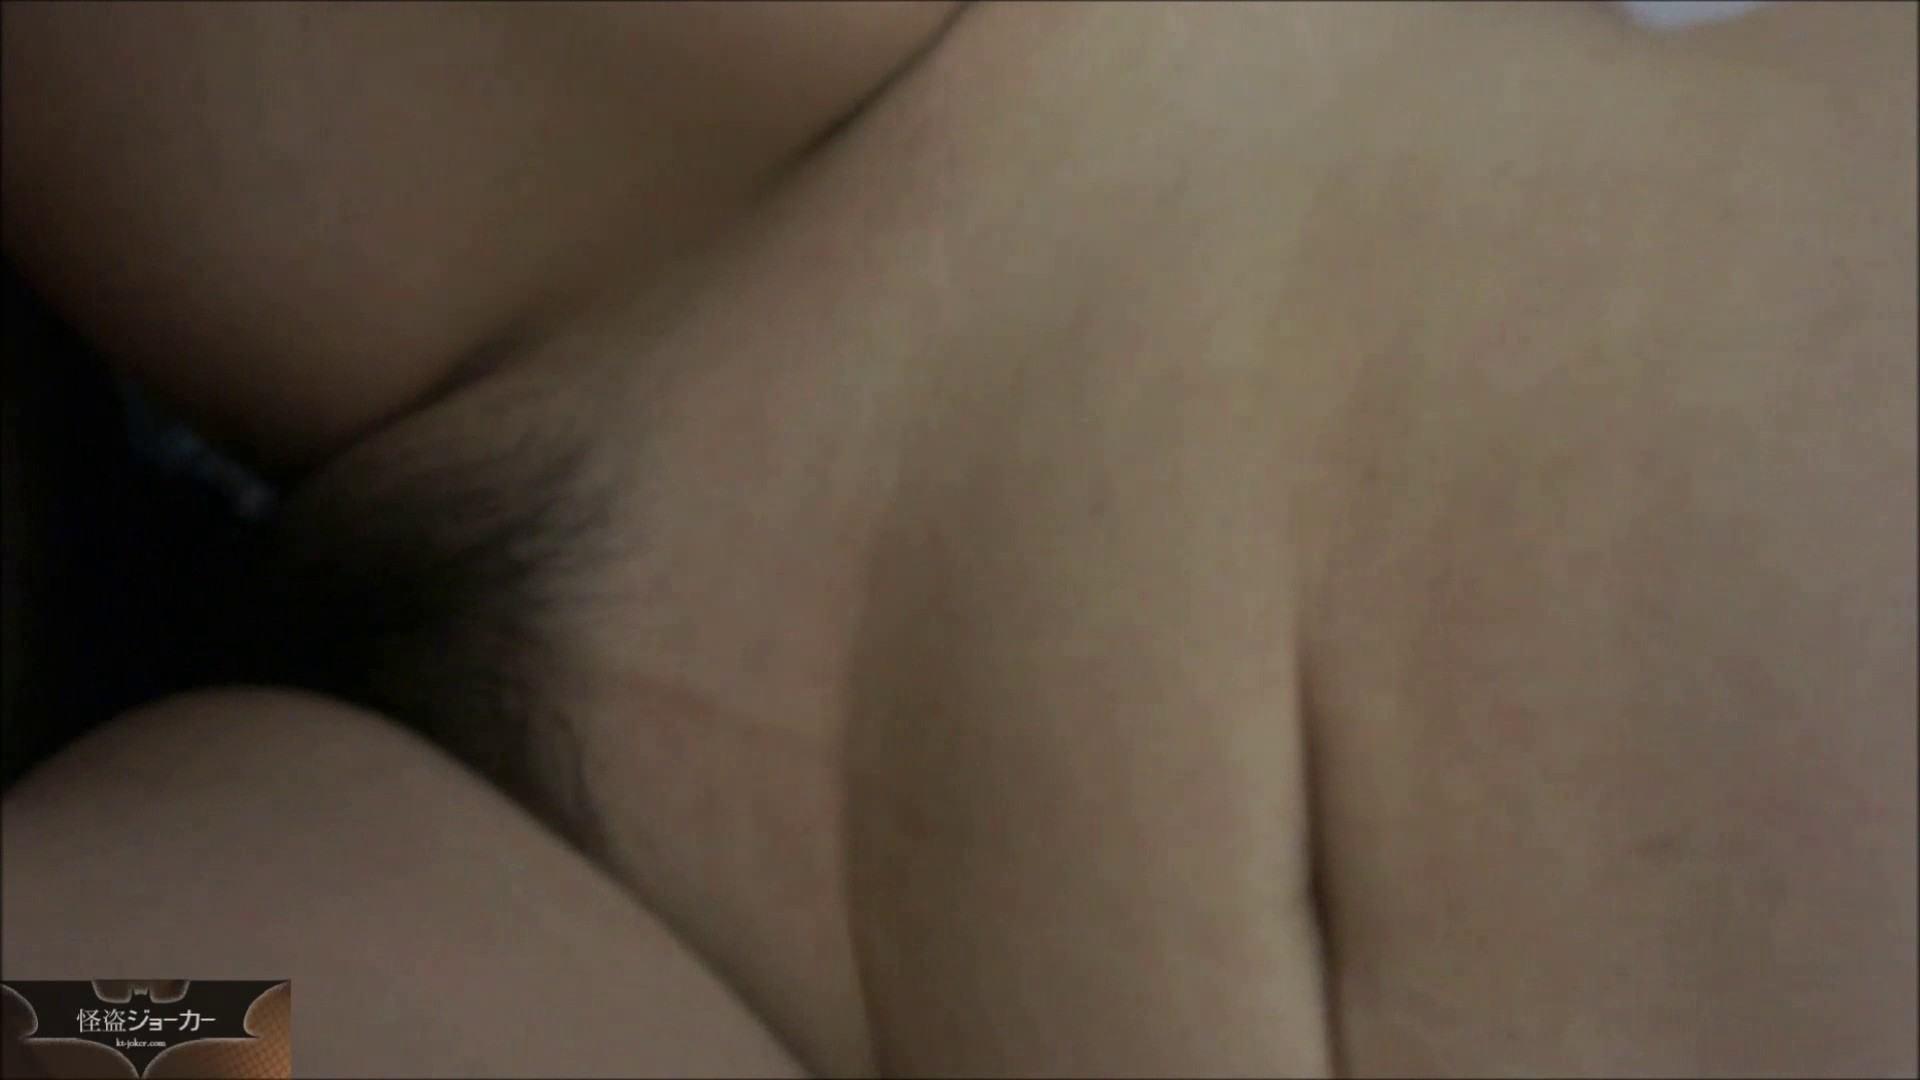 【未公開】vol.2 妻の友人、美里さん・・・晩酌の後、人妻の体を。 魅力  98pic 12